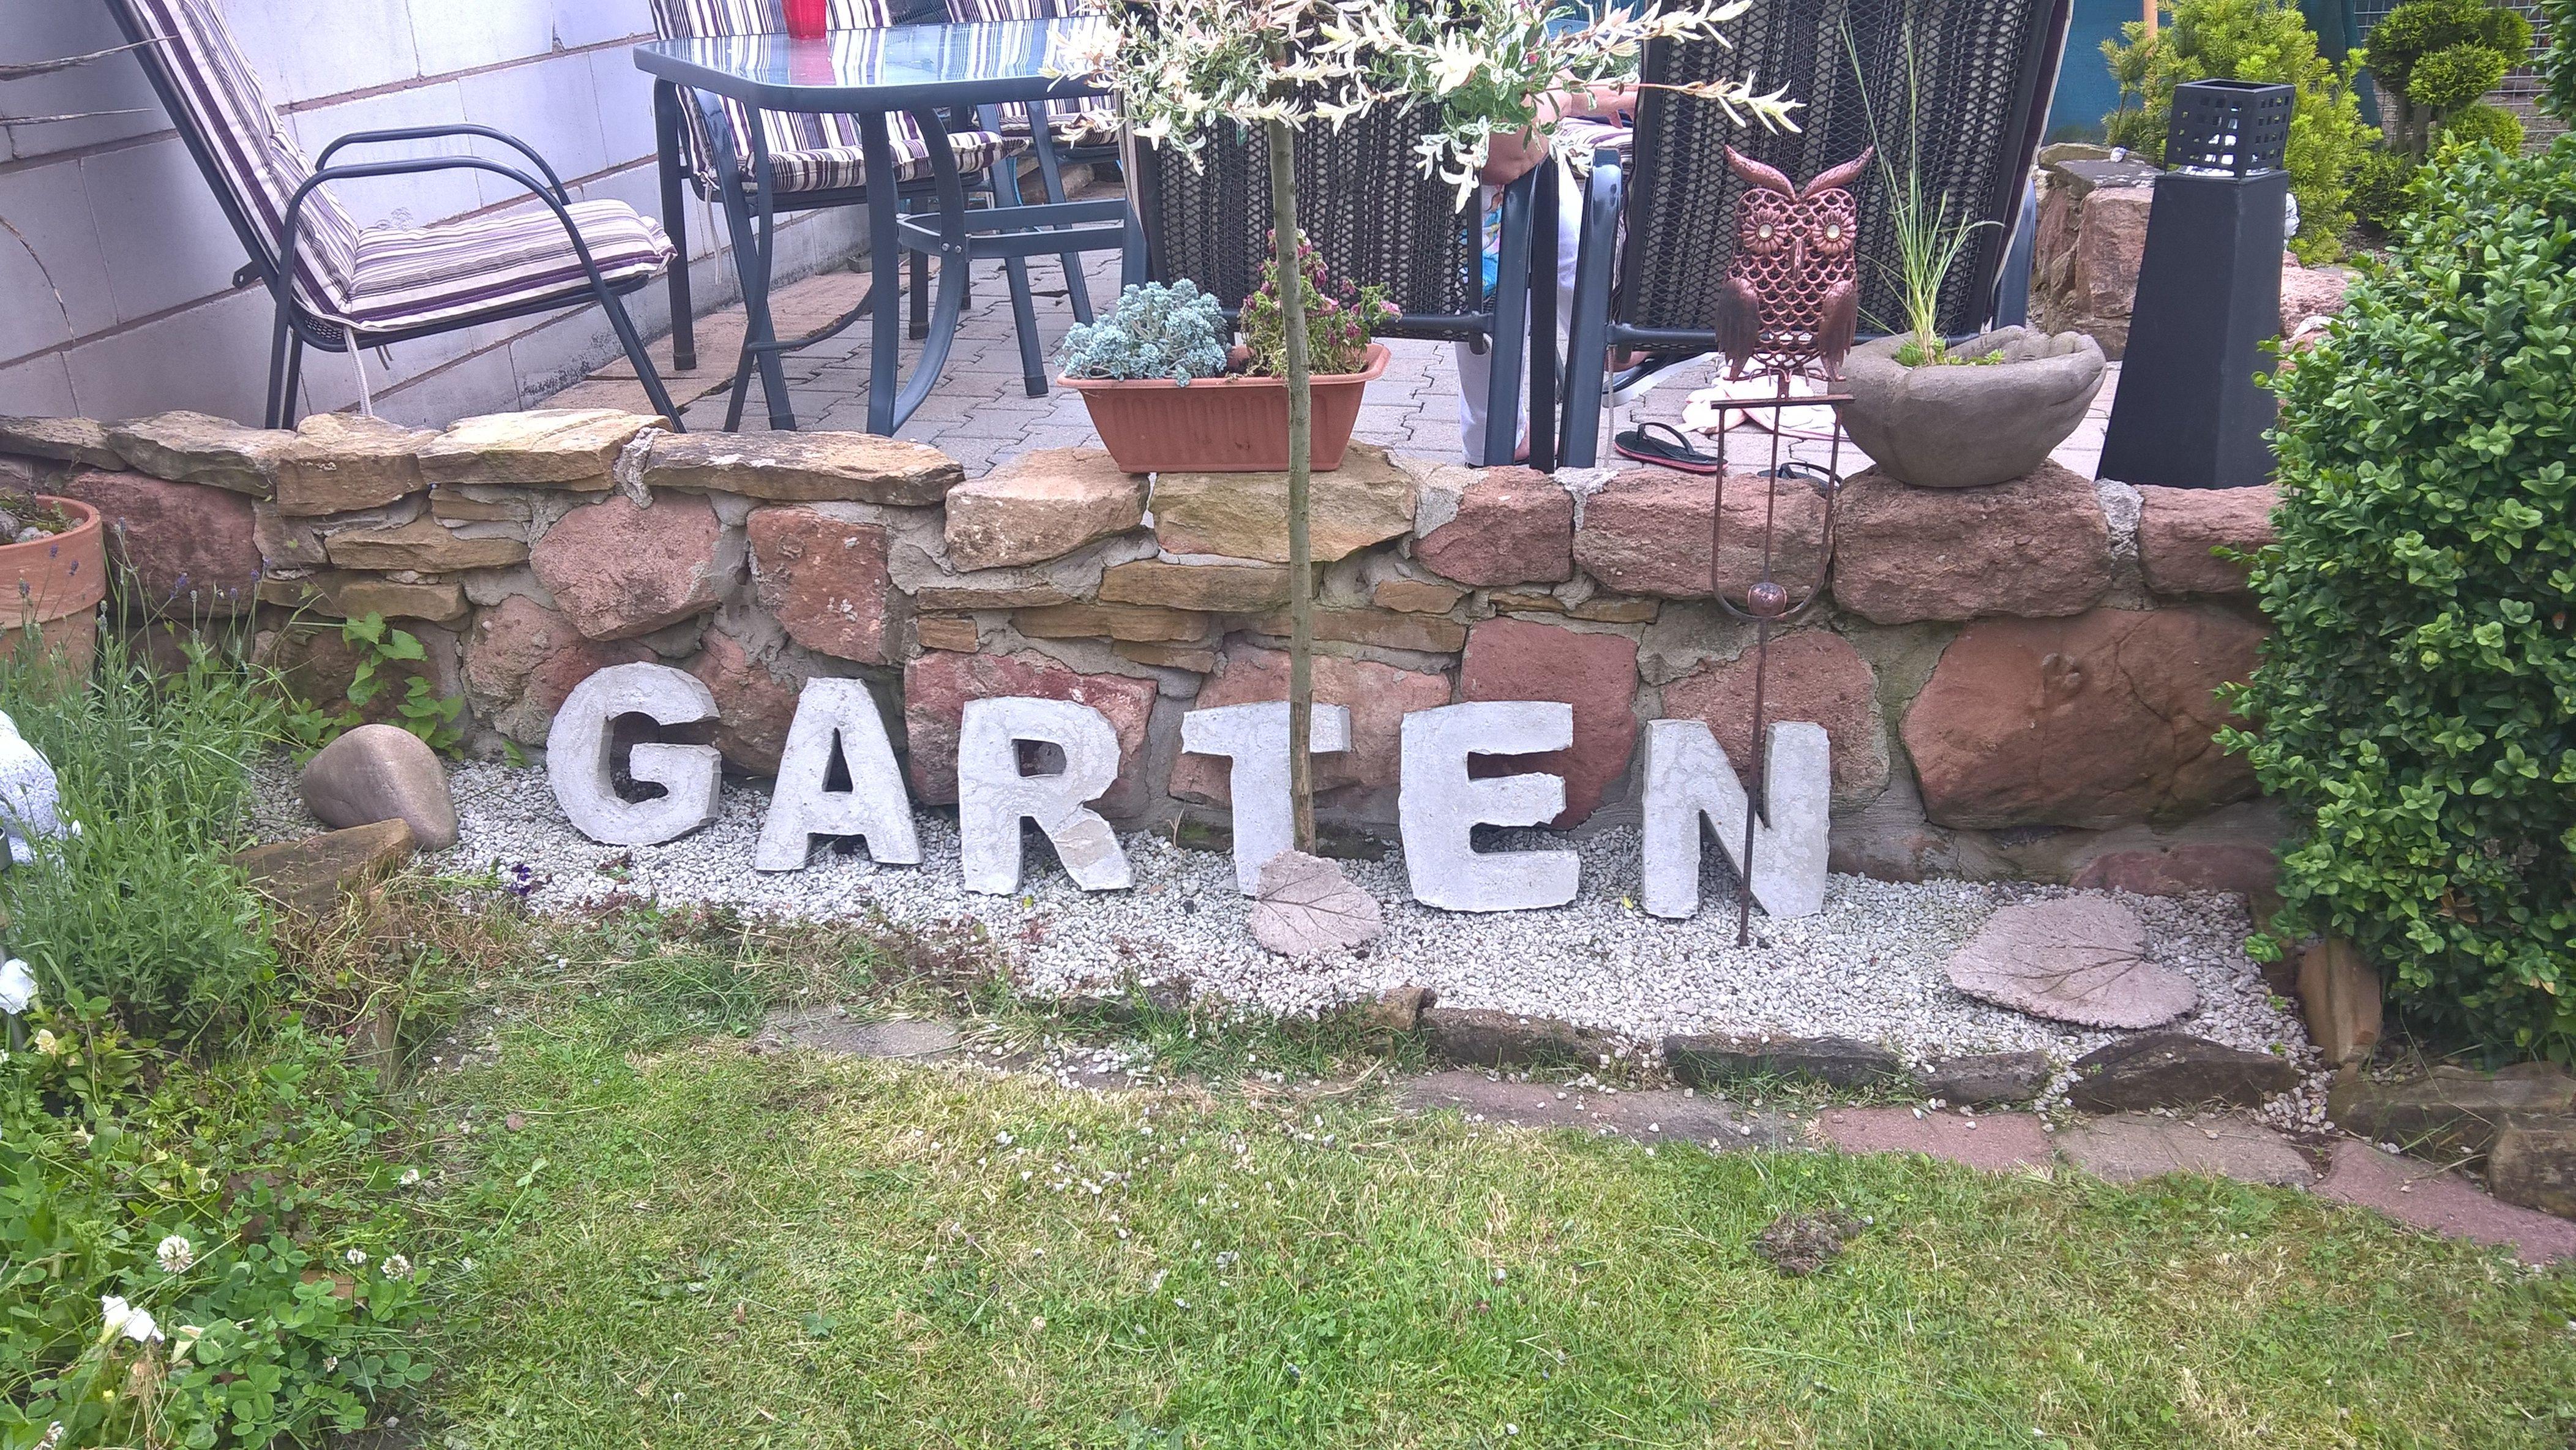 Buchstaben aus Beton | Beton | Pinterest | Buchstaben, Anleitungen ...